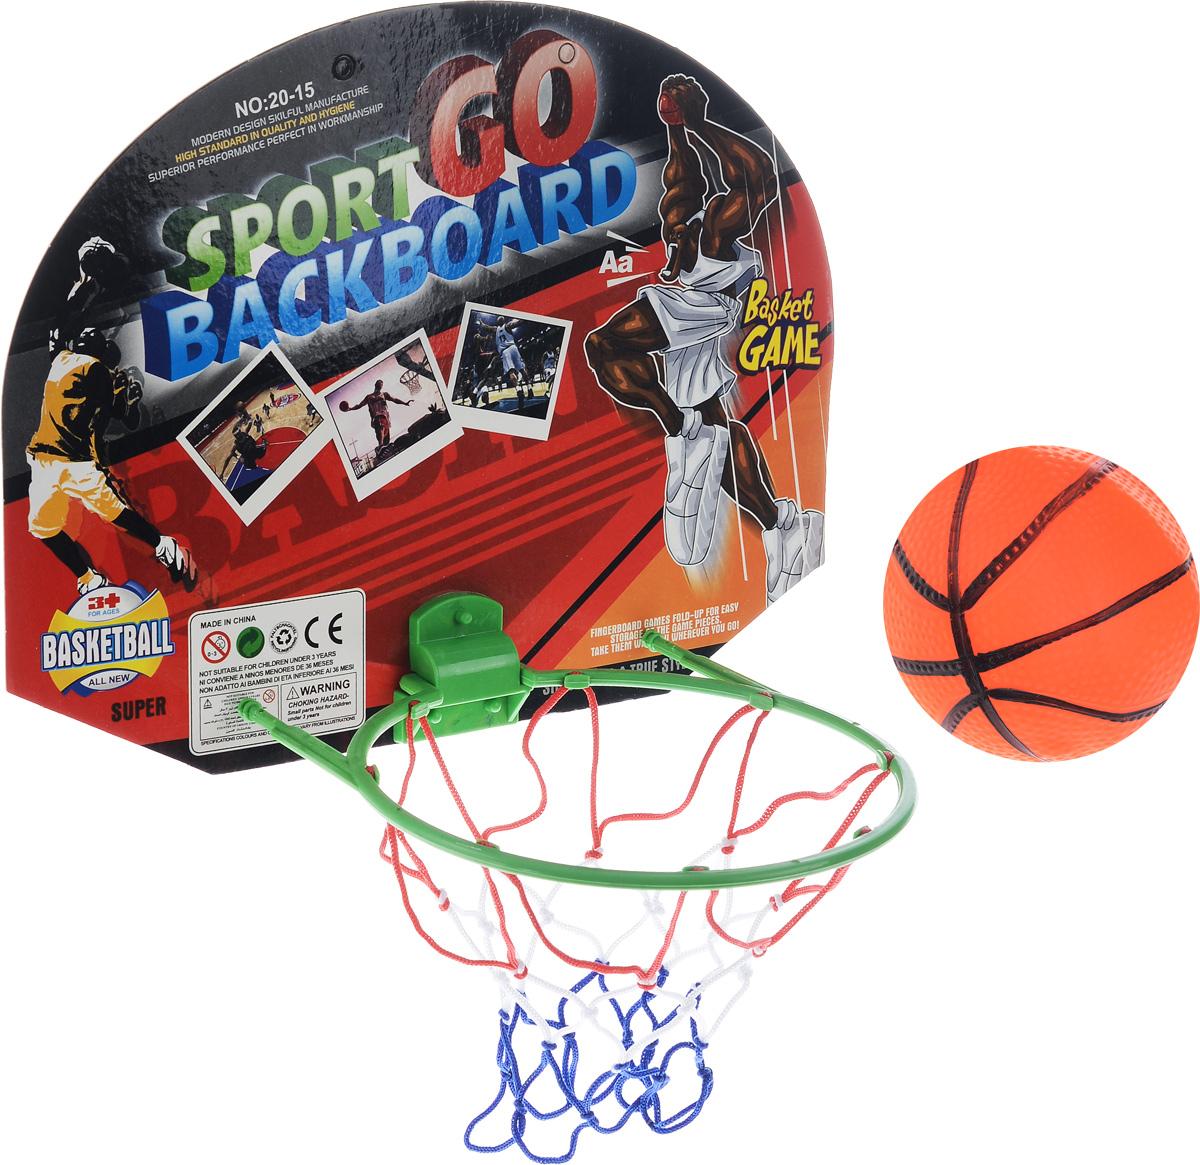 Набор для игры в баскетбол Torres TX1310328262068Набор для игры в баскетбол Torres TX13103, выполненный из ПВХ, текстиля и картона, состоит из корзины с сеткой и щитом, маленького резинового мячика, выполненного в виде баскетбольного и двух двусторонних клейких лент. Такой набор привлечет внимание каждого ребенка и станет отличным подарком юному любителю игр. Набор Torres TX13103 способствует развитию внимательности, ловкости и усидчивости, а также развивает любовь к спортивным играм. Размер щита: 38 х 27 см. Диаметр мяча: 10 см .